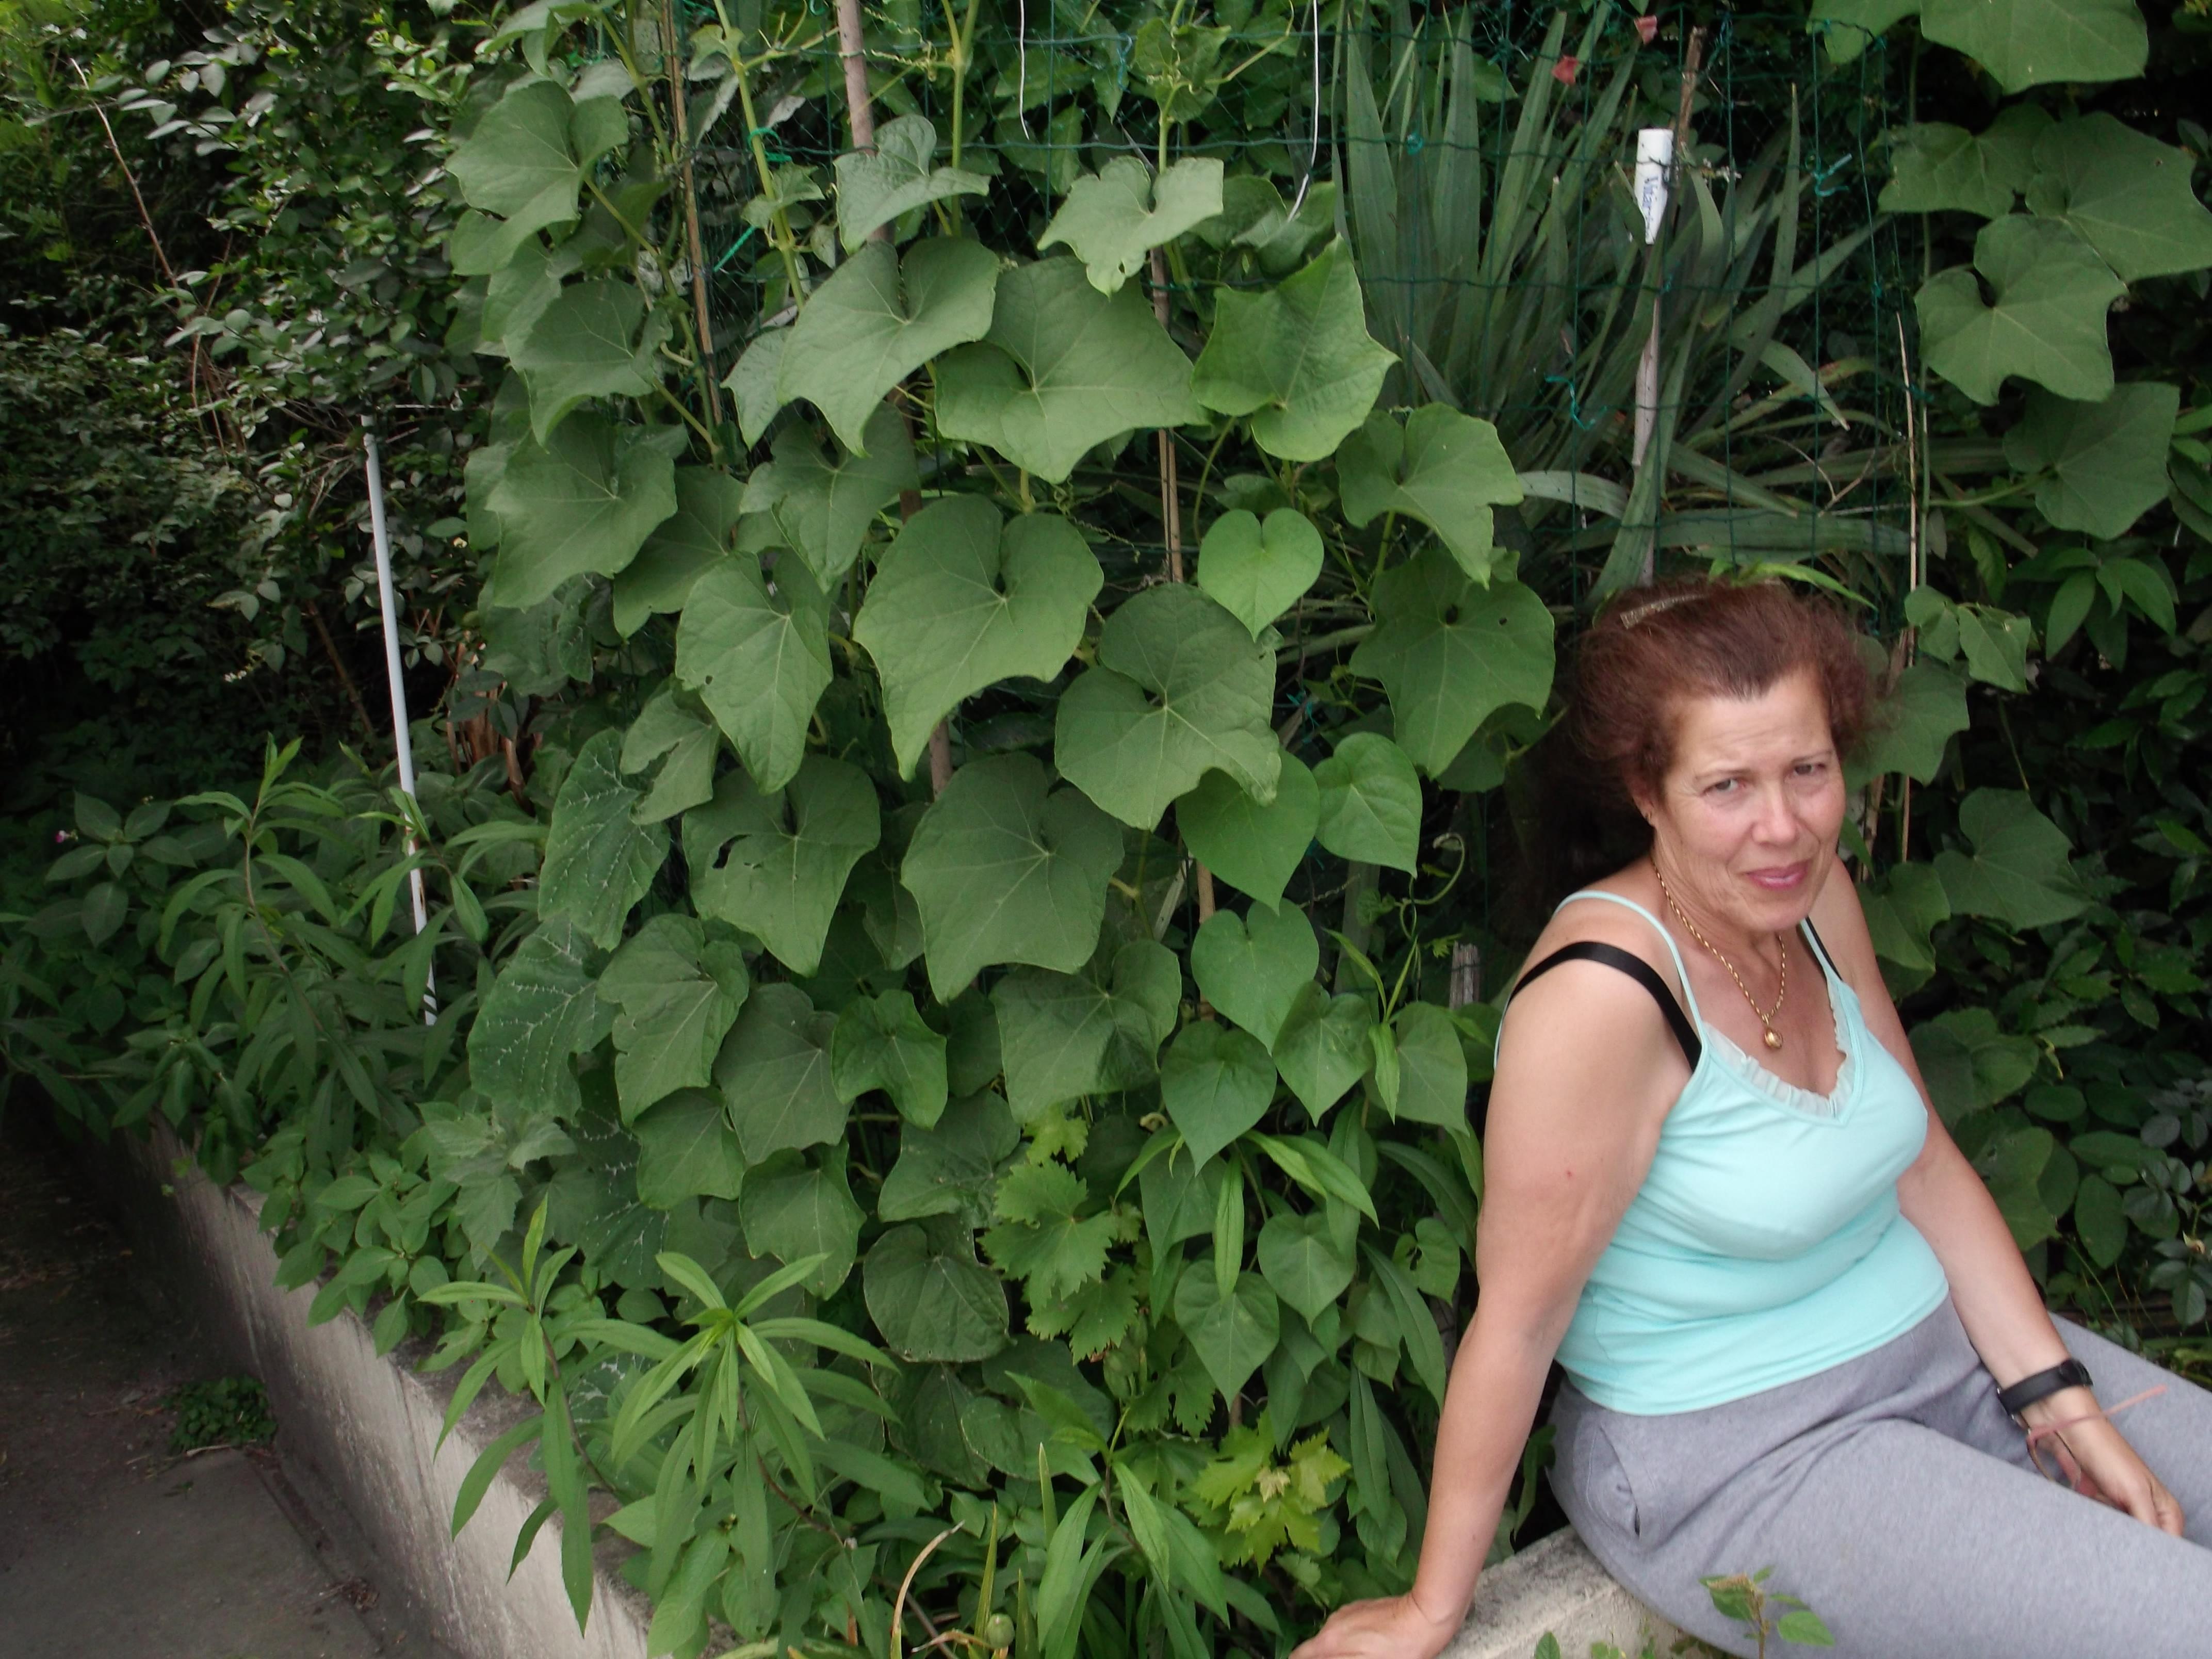 chayotte christophine chayote conseil jardinage application en phytoth rapie et recette de. Black Bedroom Furniture Sets. Home Design Ideas